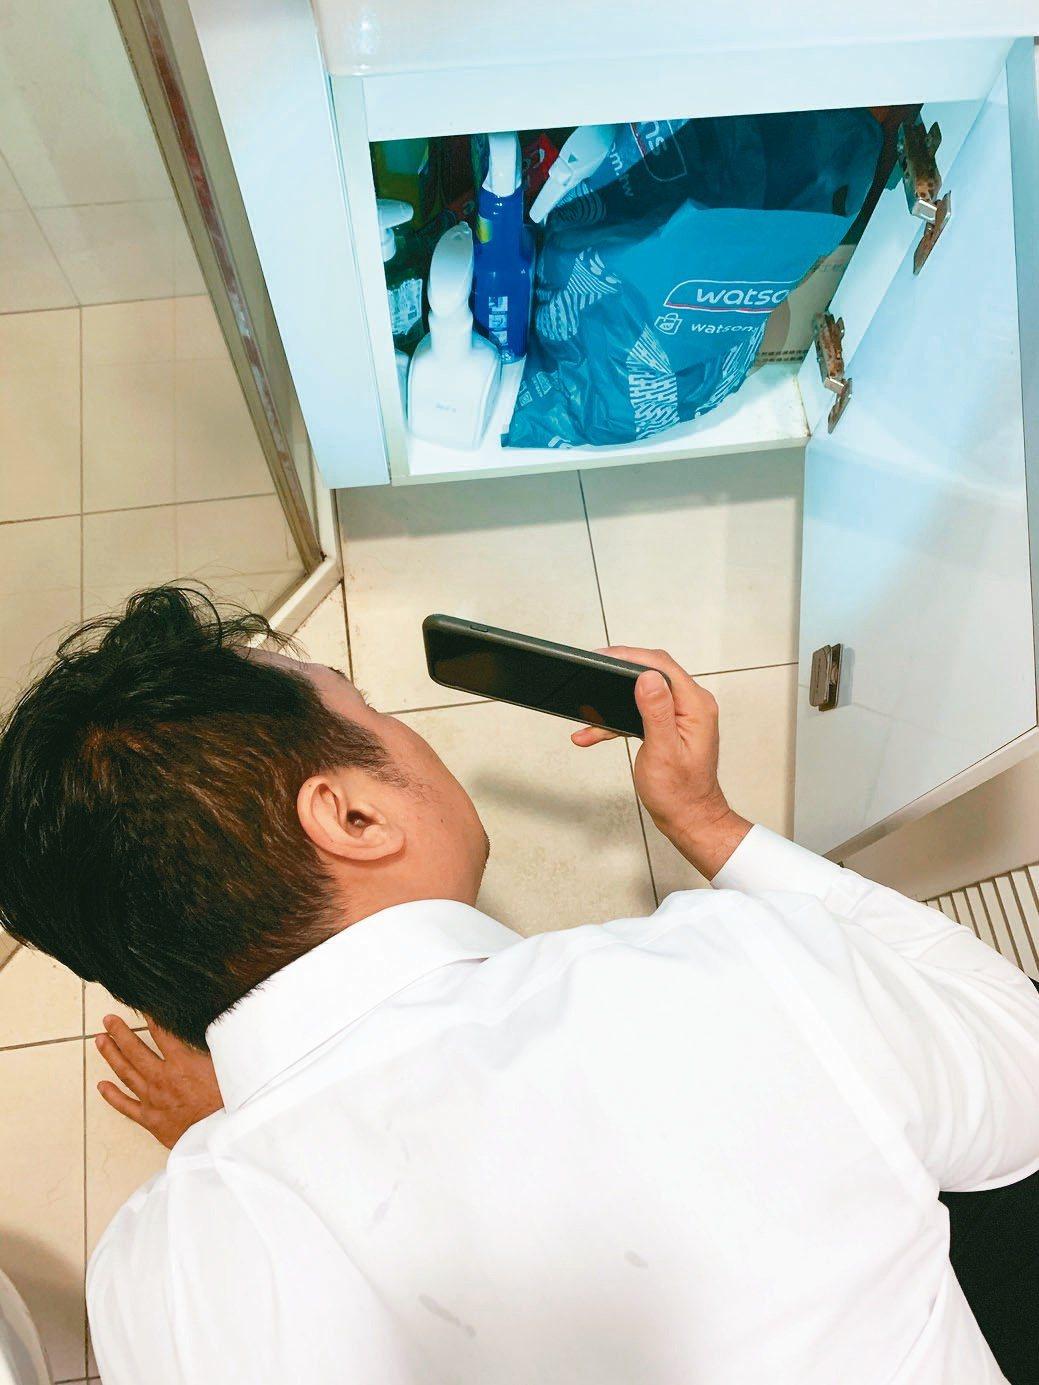 安新建經提醒看屋時需特別留意廁所洗手台下方有無積水痕跡。安新建經/提供